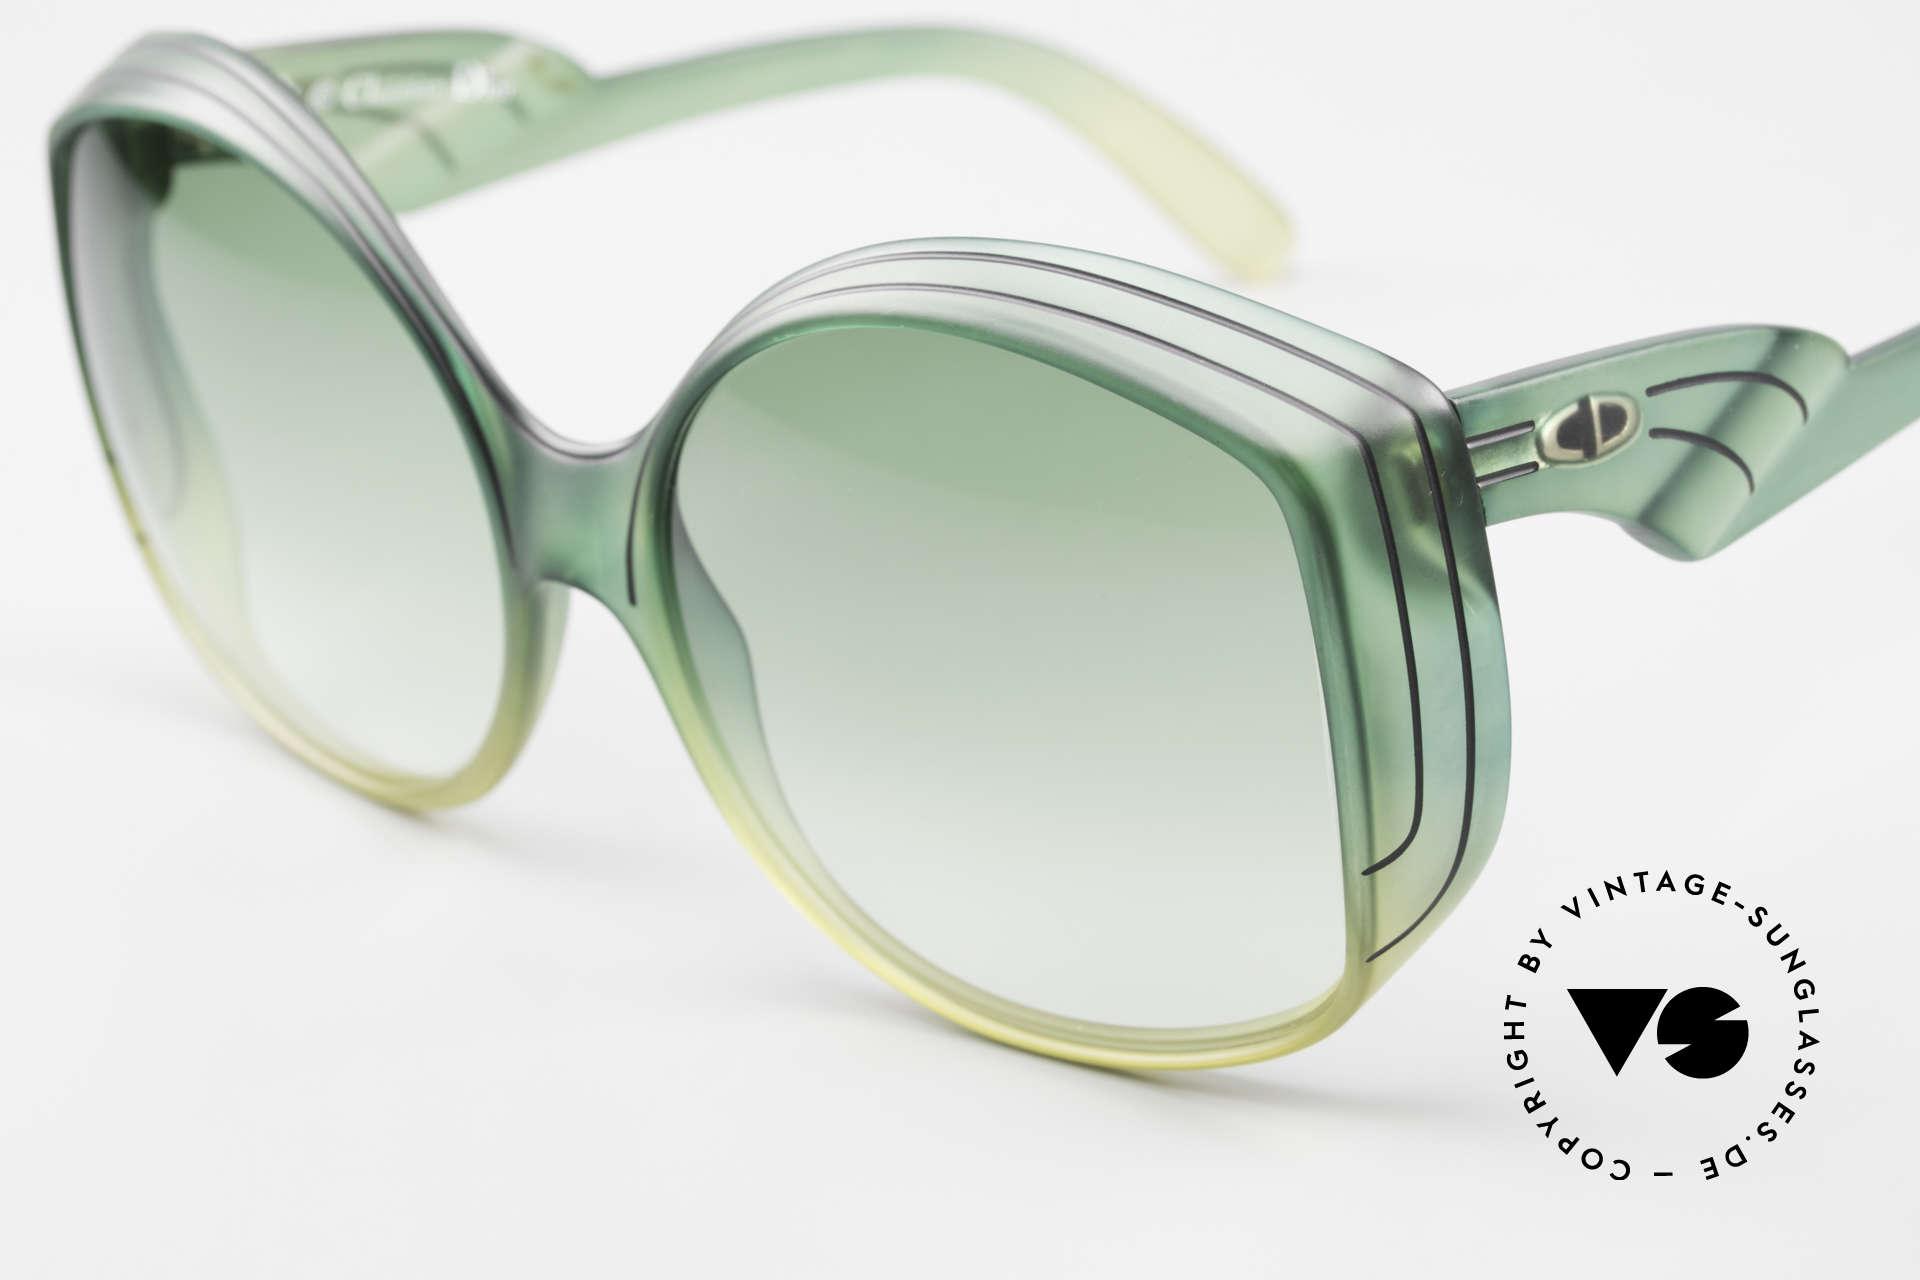 Christian Dior 2041 XXL 70er Damen Sonnenbrille, aus unglaublichem OPTYL-Material mit 'Mystik-Effekt', Passend für Damen